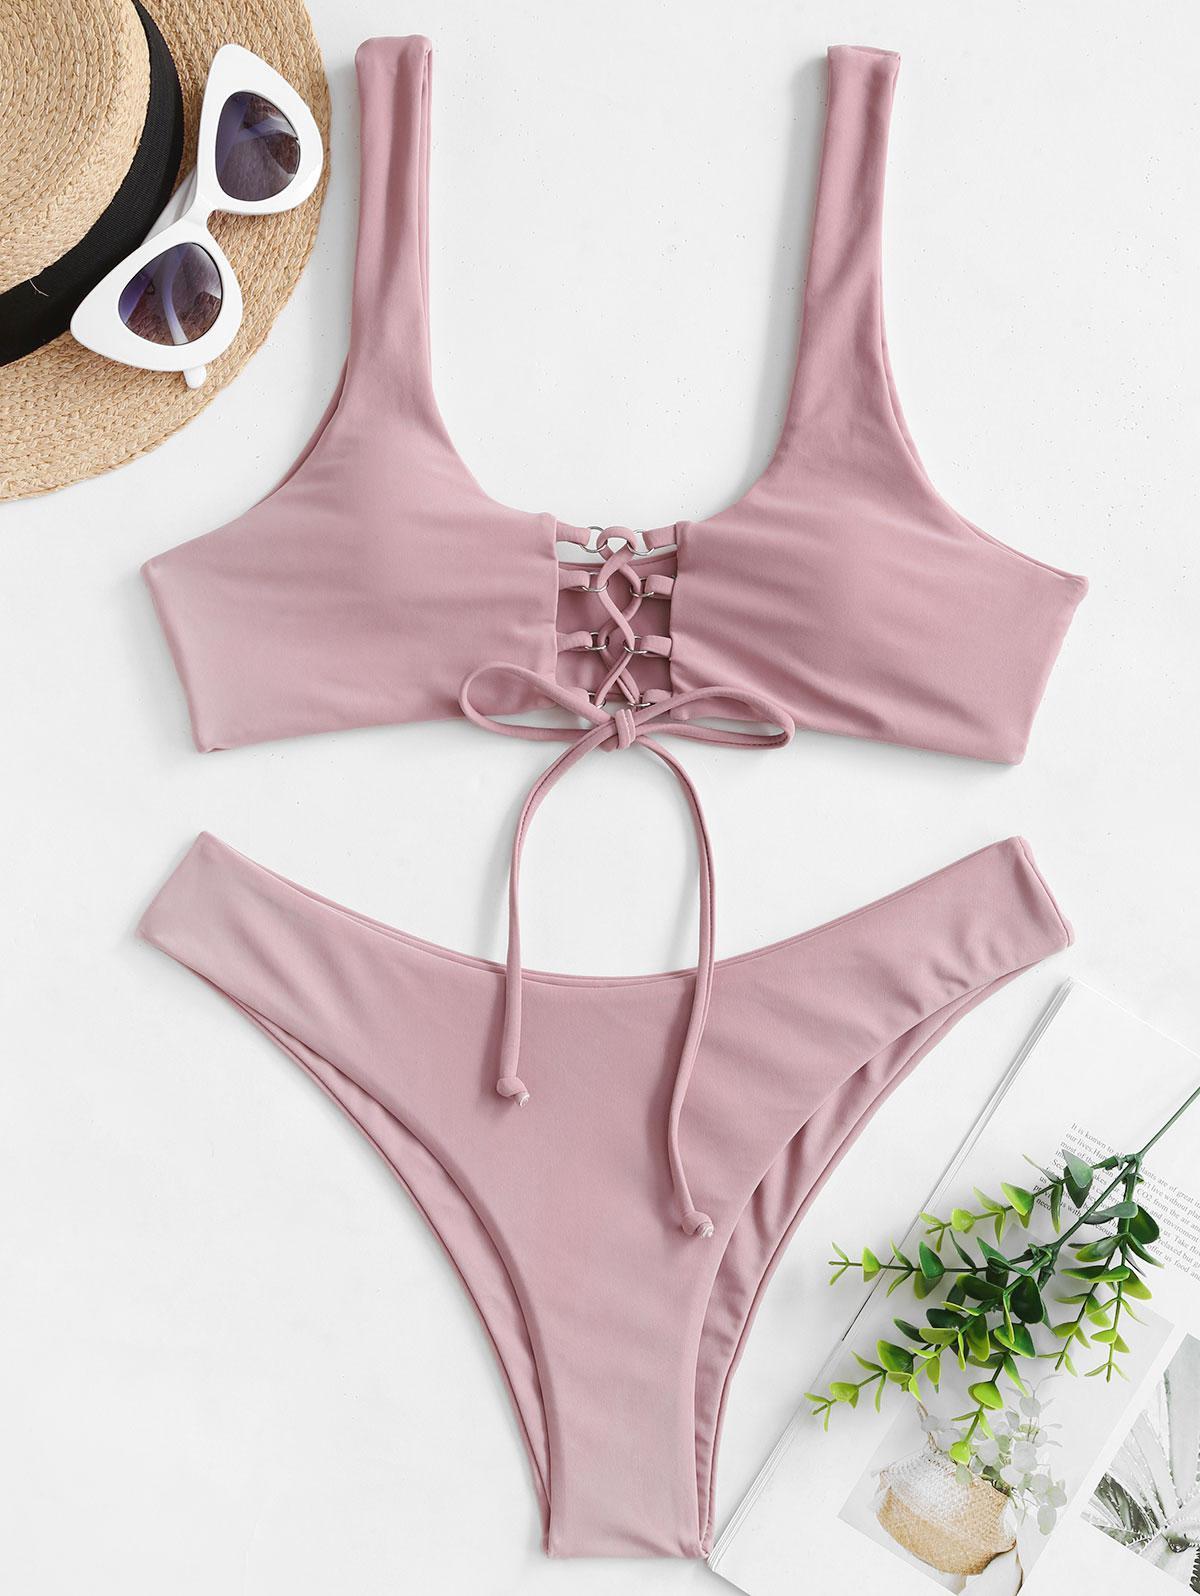 ZAFUL Lace Up Scoop Neck Padded Bikini Swimwear фото